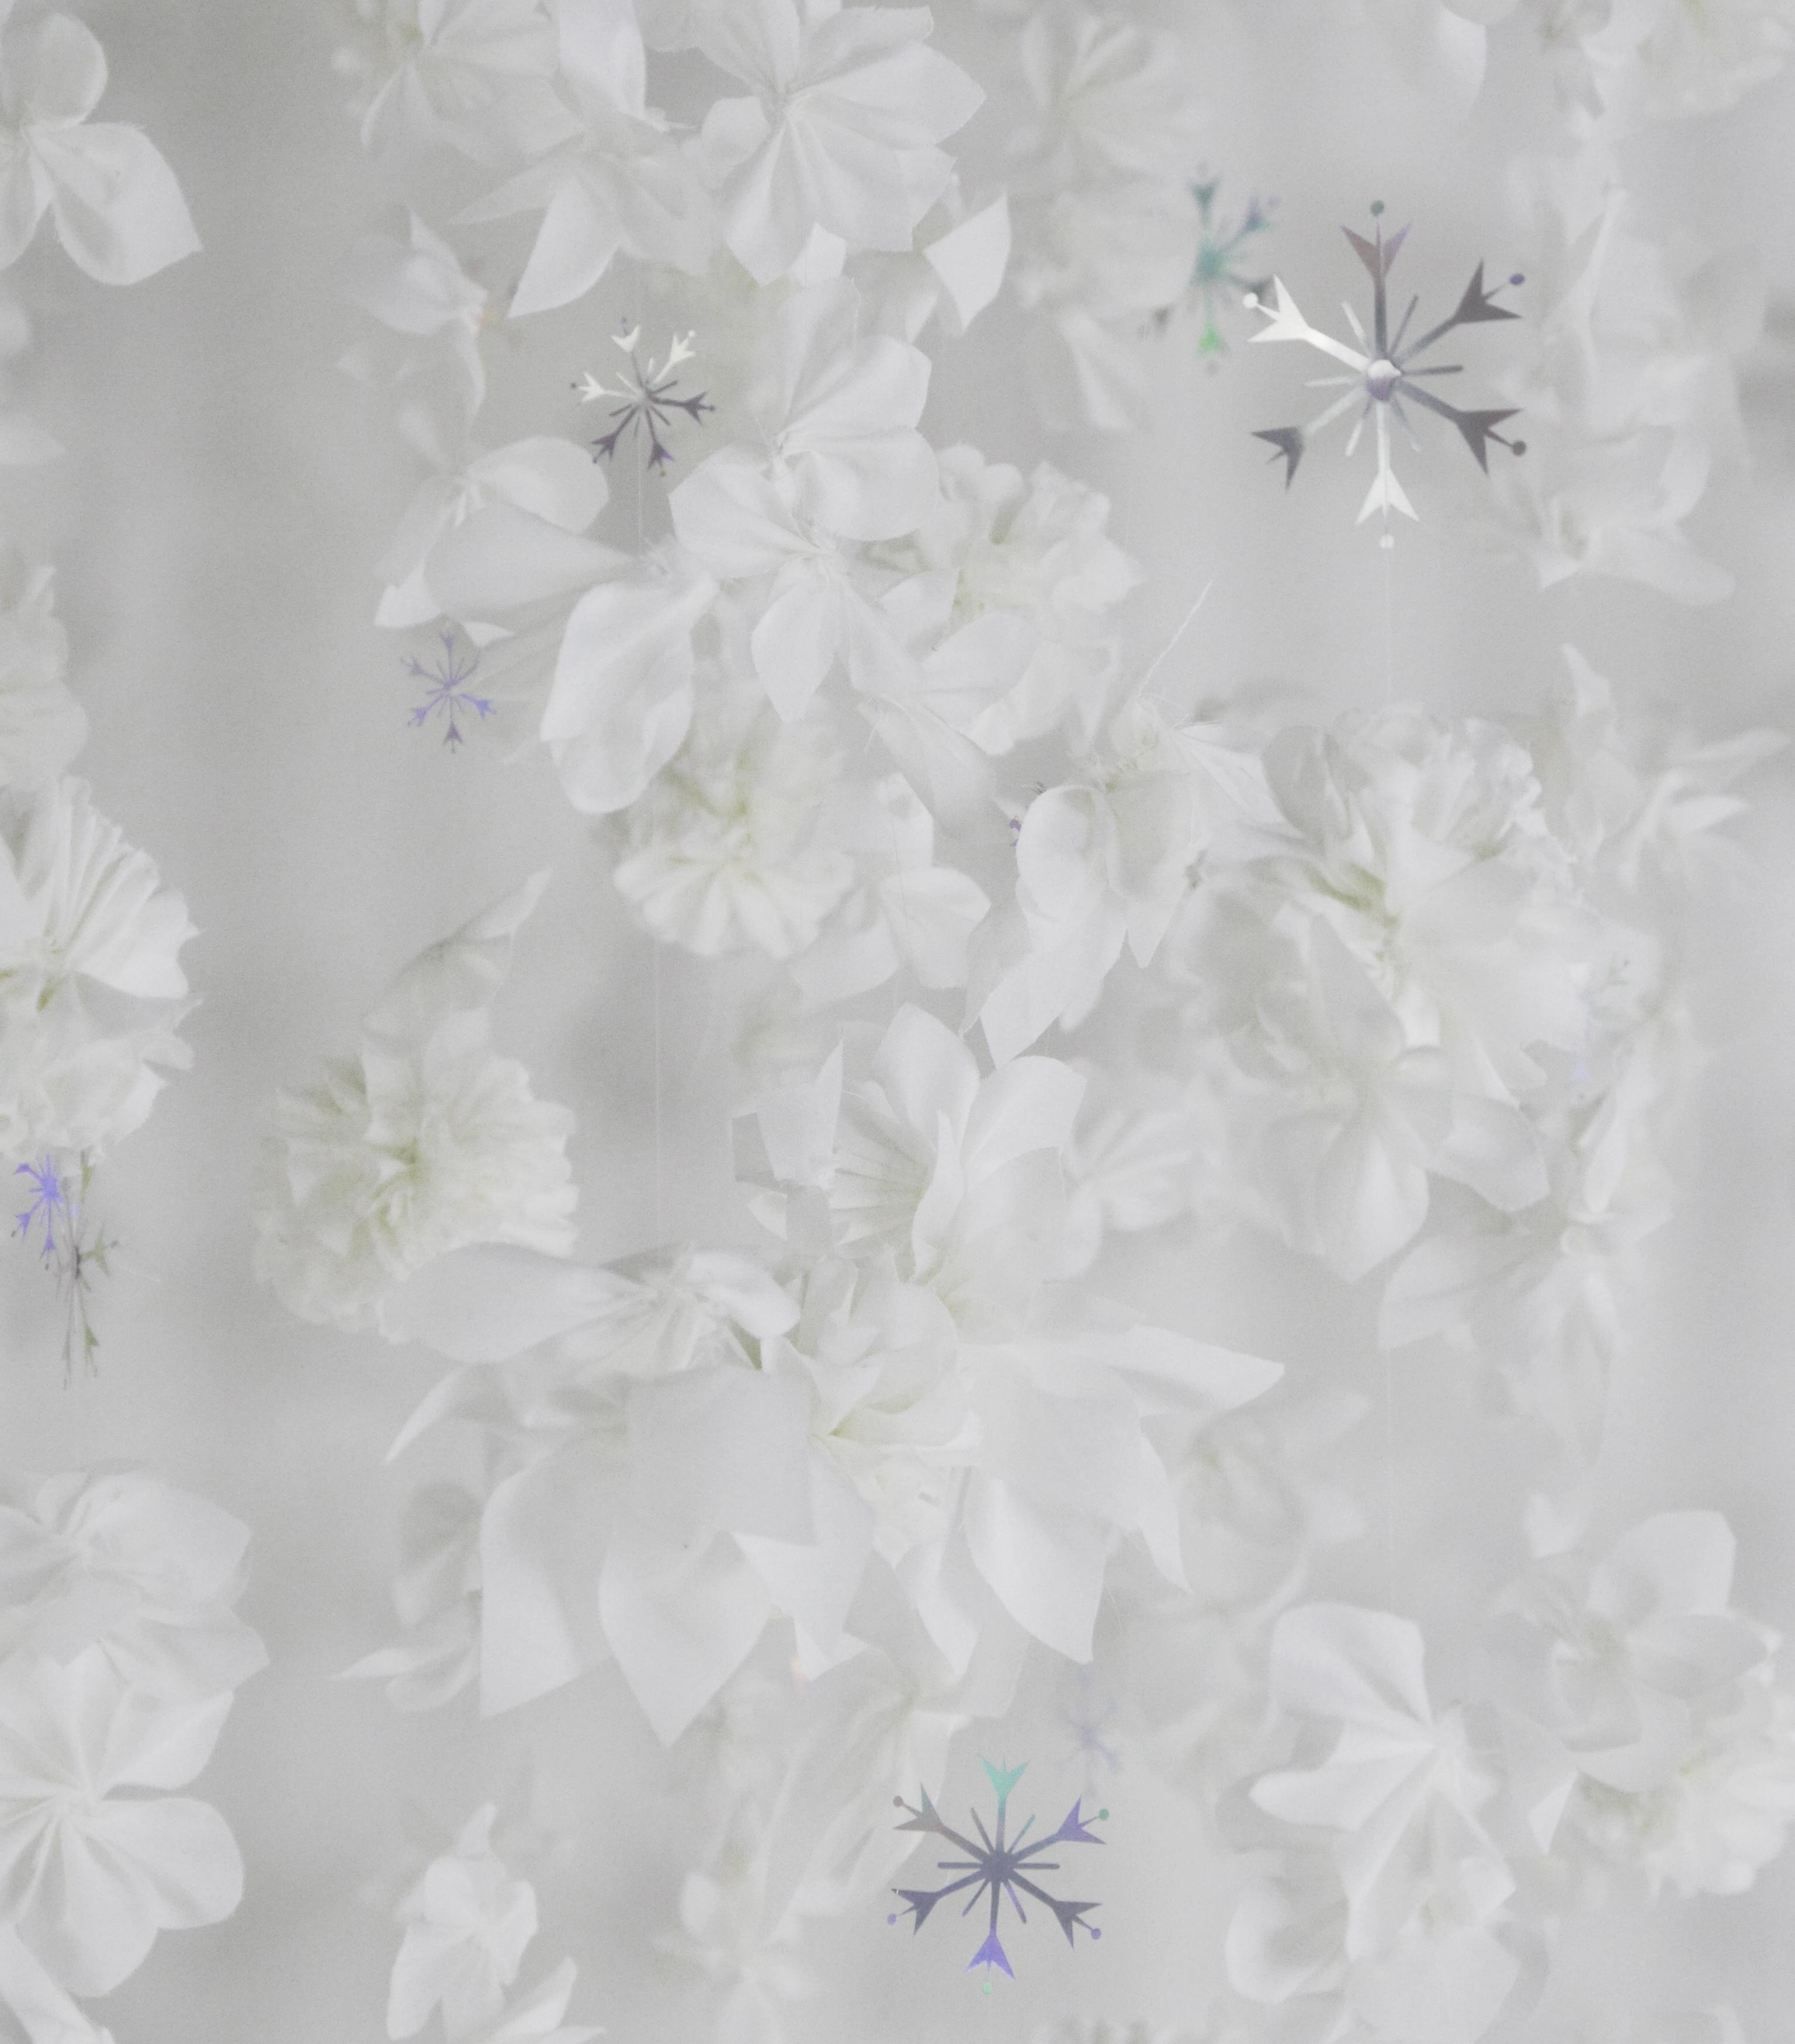 DIY - Floral Backdrop for Disney's Frozen 2 launch